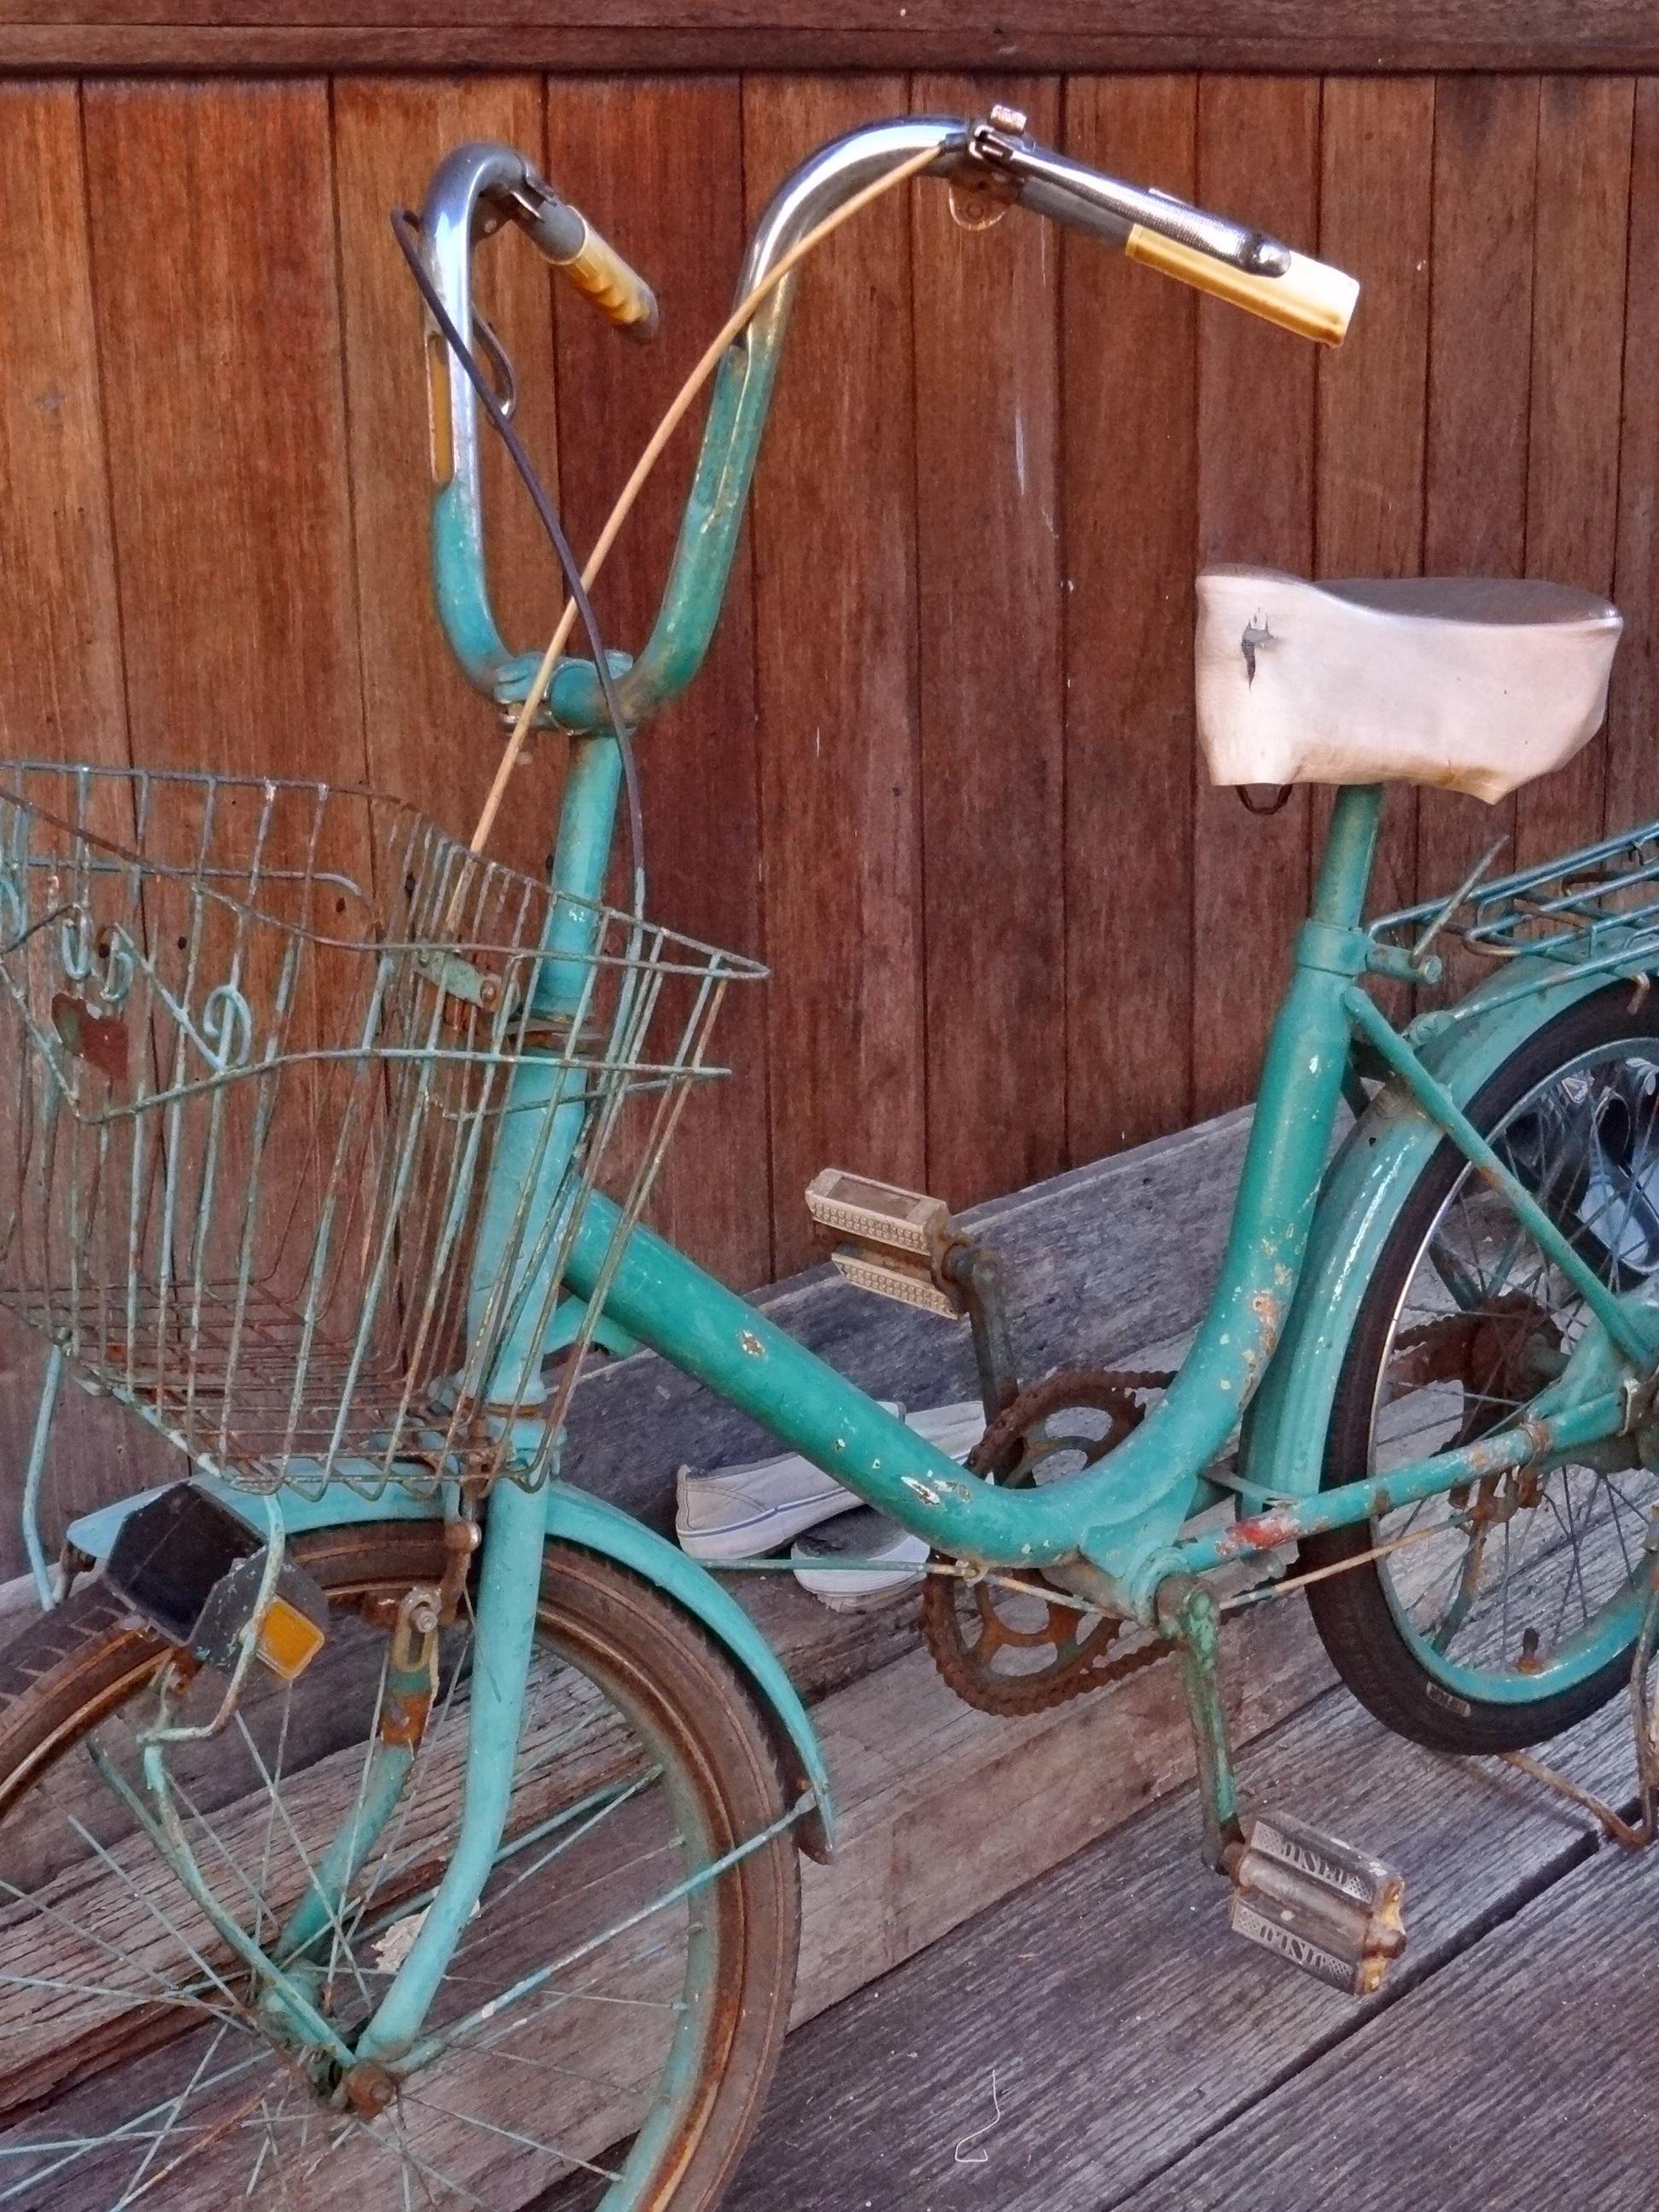 Georgetown Bicycle